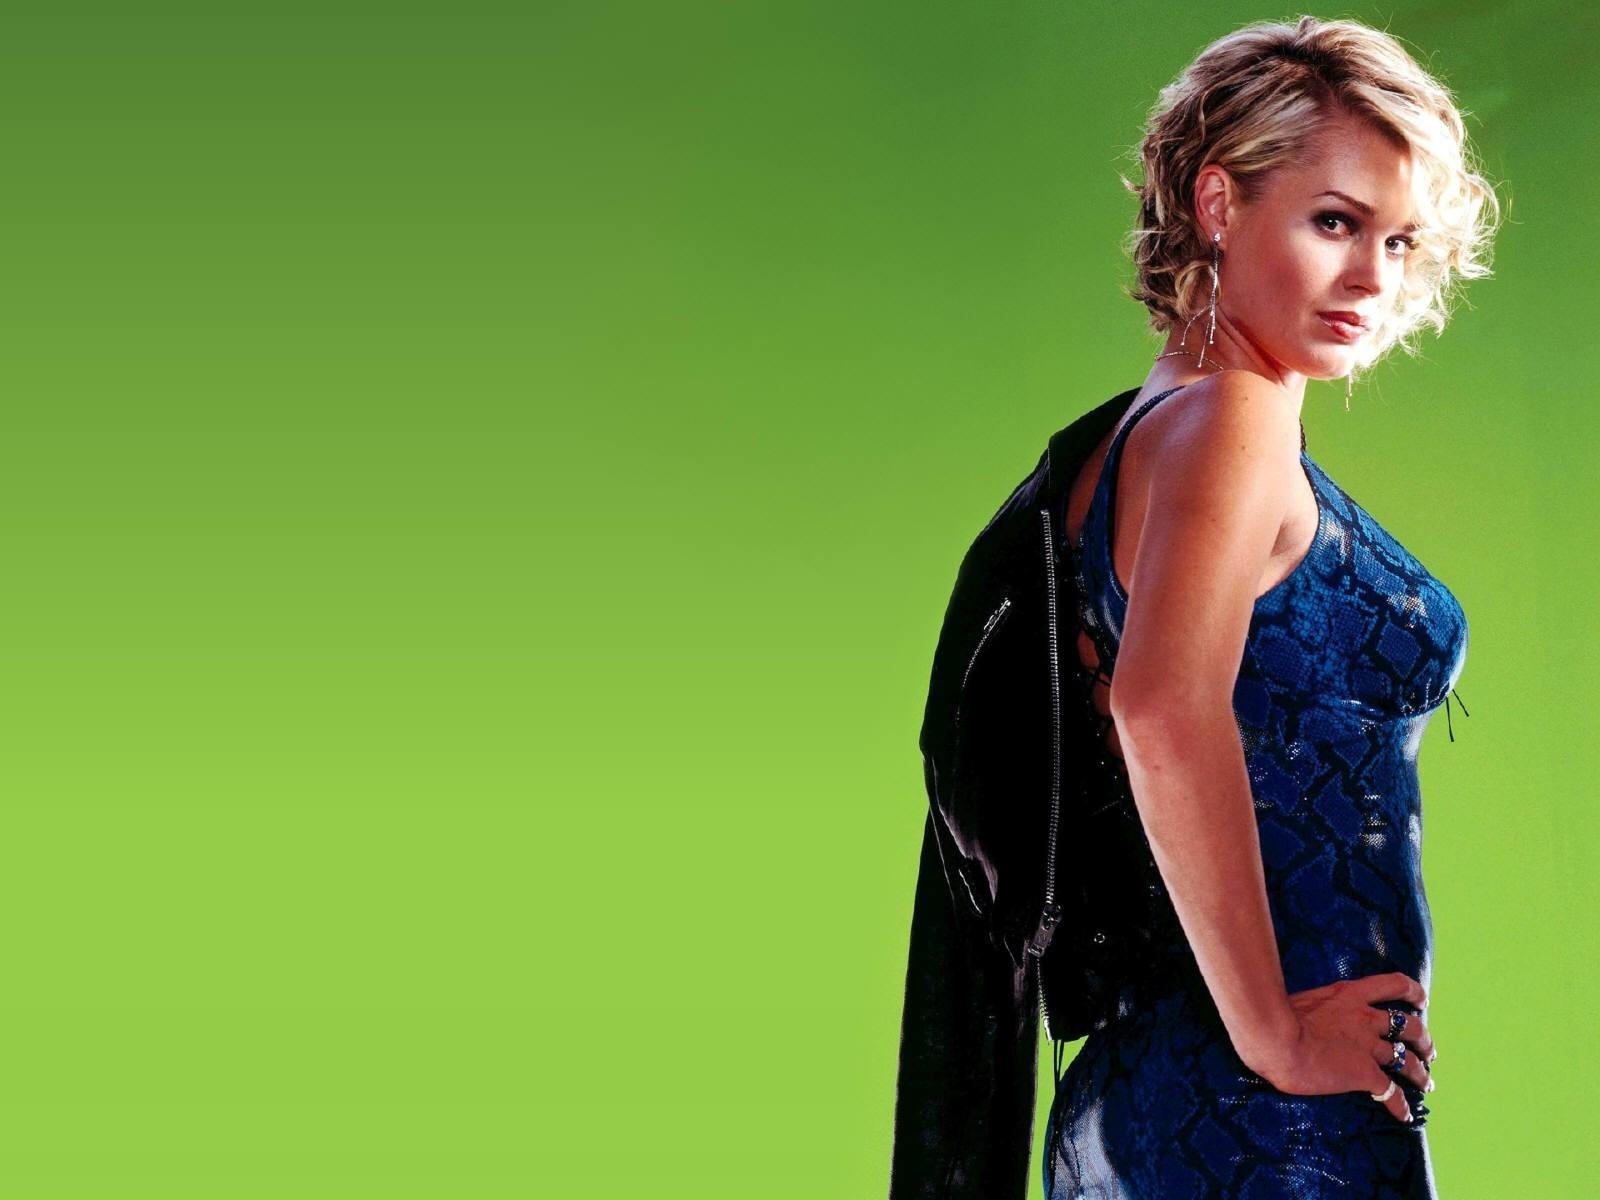 Wallpaper di Rebecca Romijn, sfondo verde